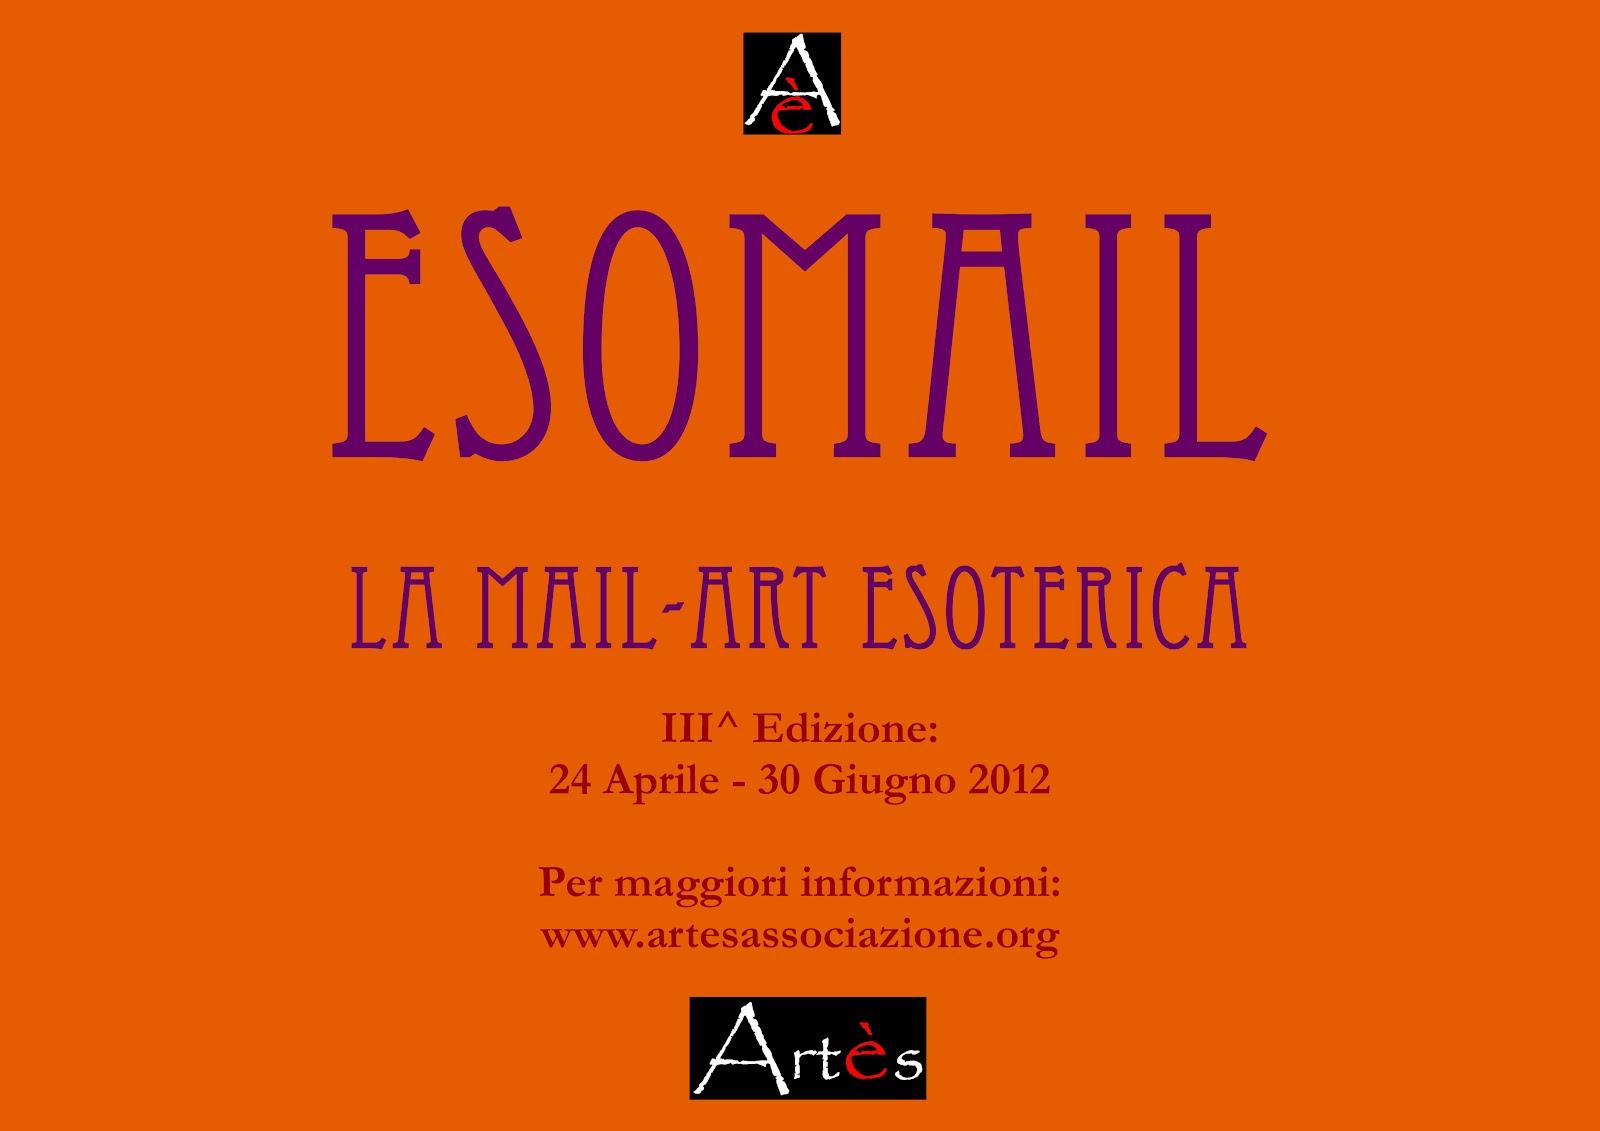 Esomail terza edizione